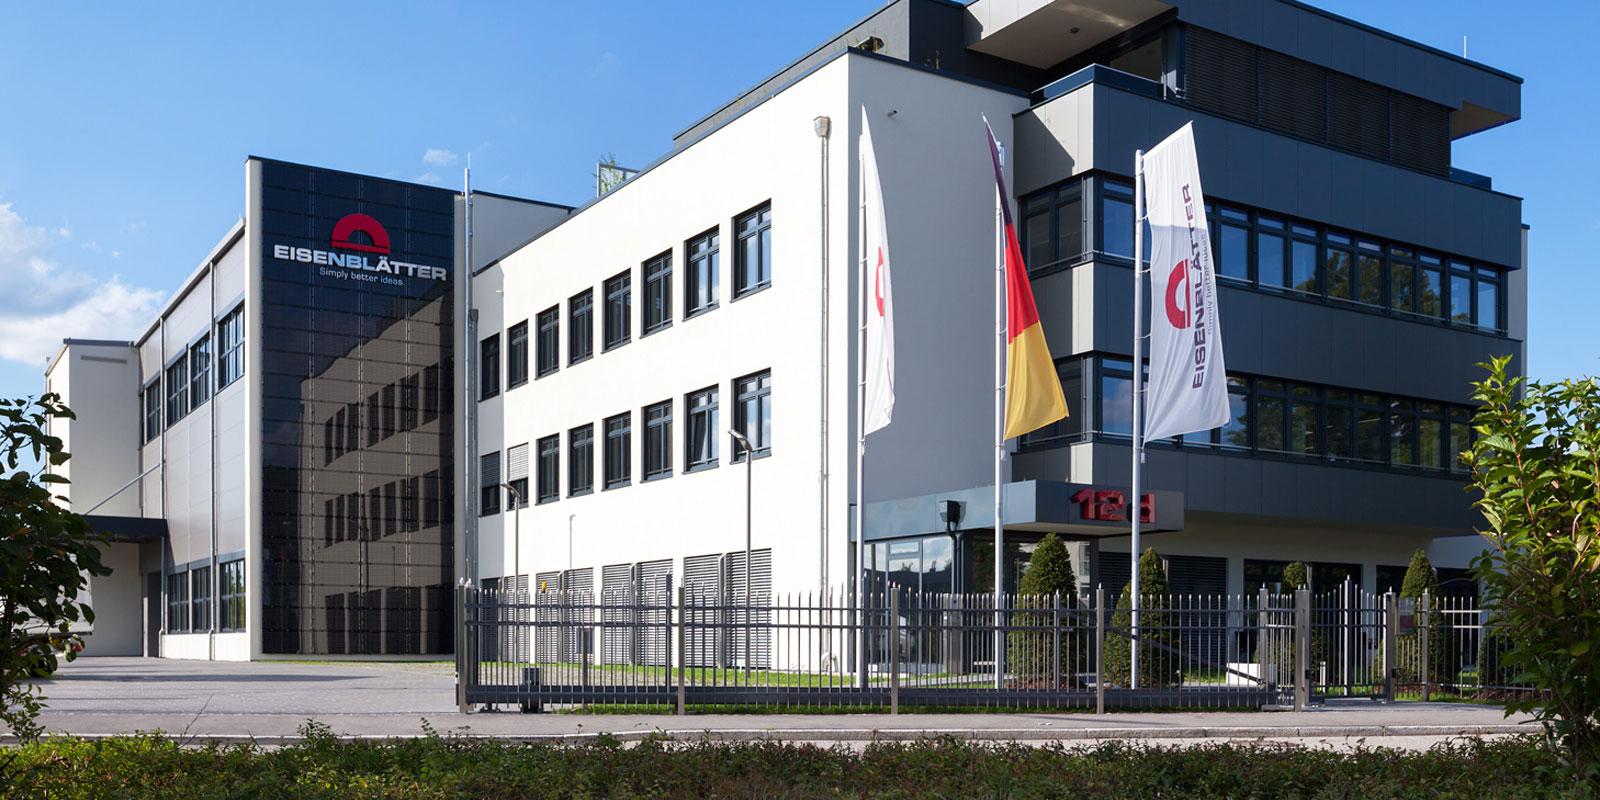 Eisenblätter GmbH